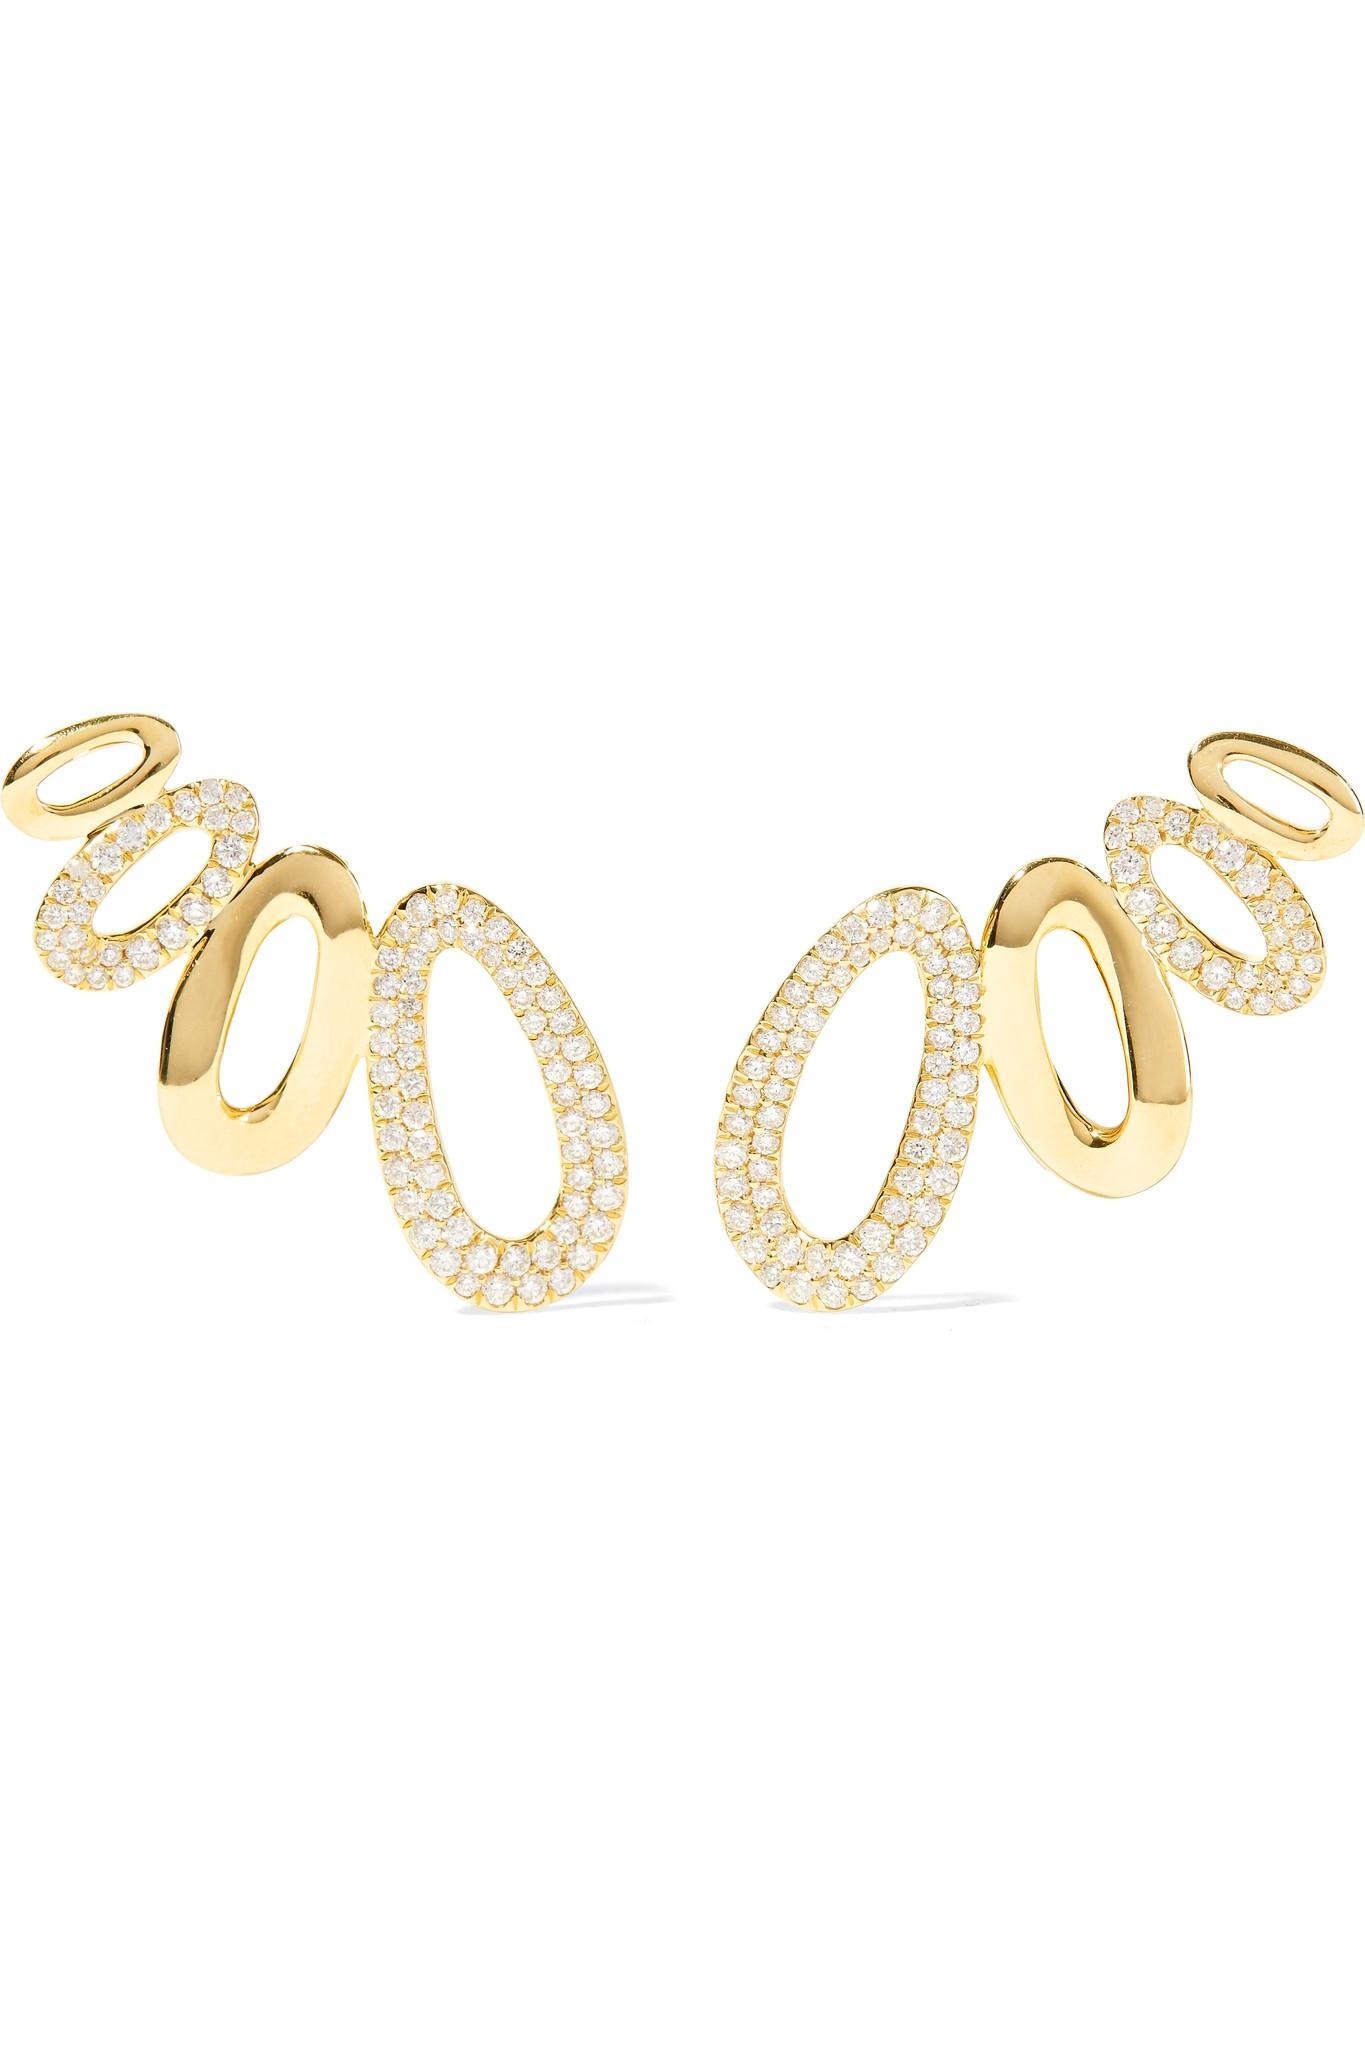 Ippolita Cherish 18-karat Gold Diamond Earrings q2jQXl